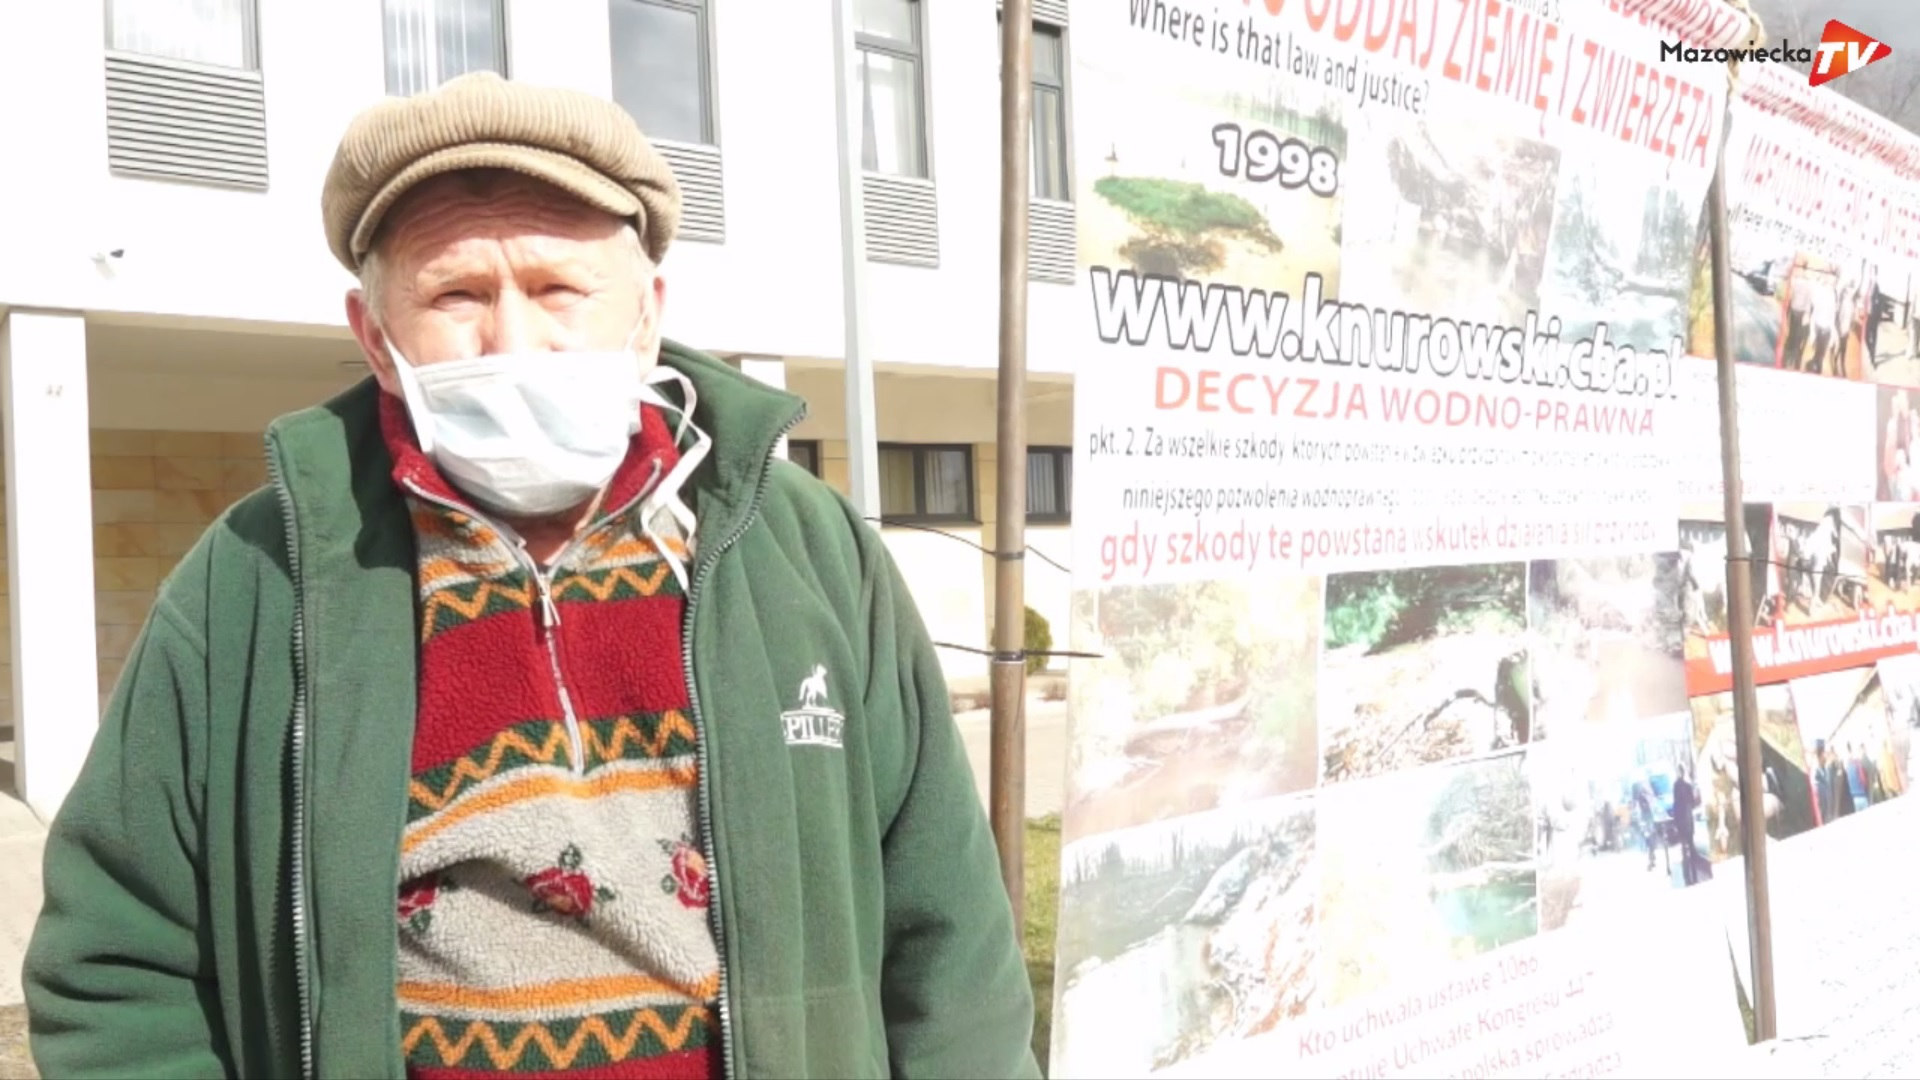 Apel Włodzimierza Knurowskiego do Ministra Sprawiedliwości przed grójeckim sądem